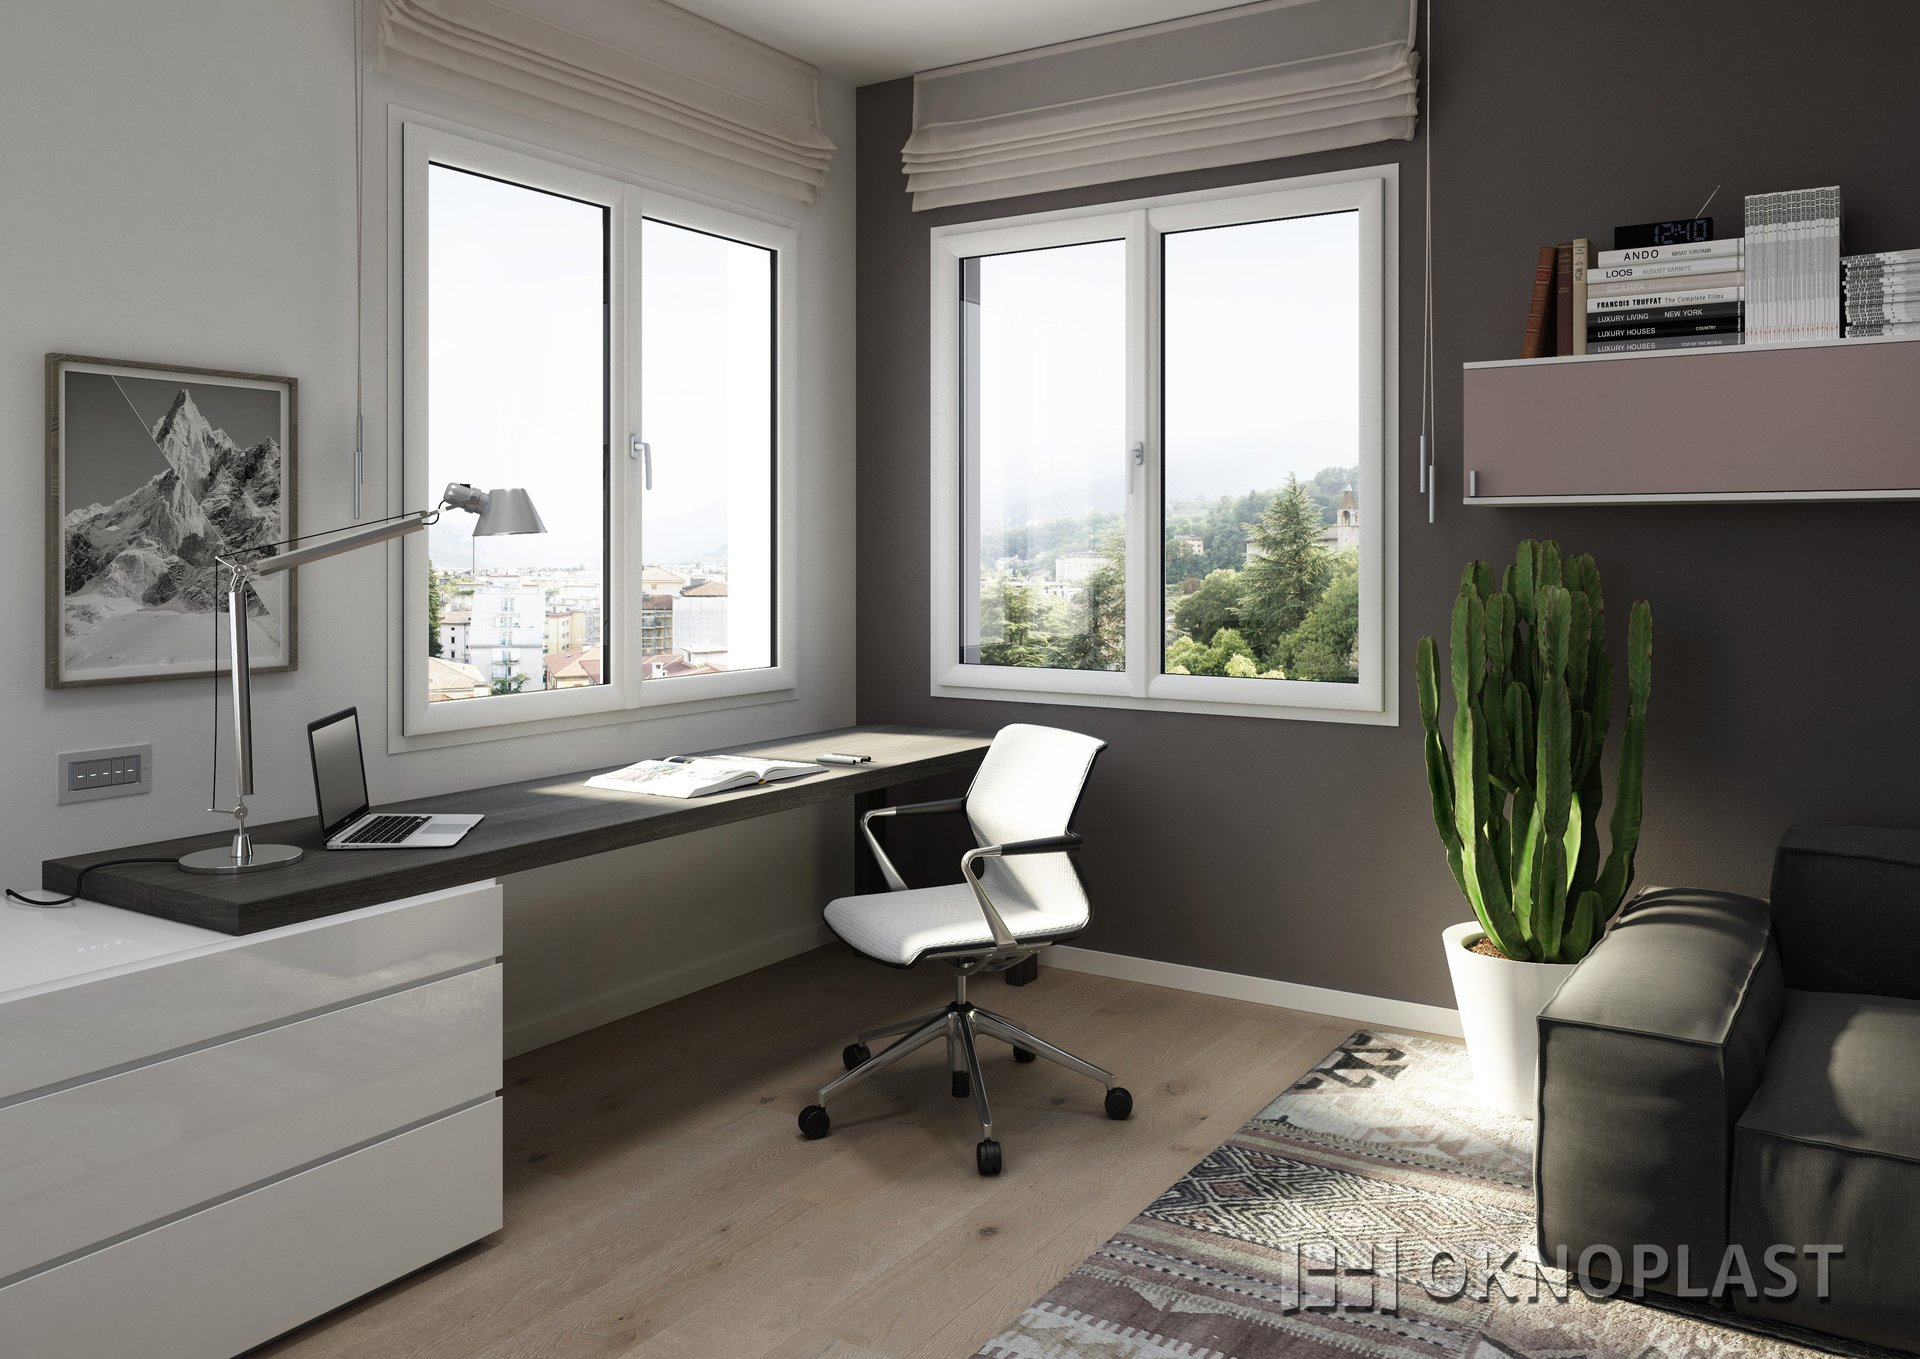 soggiorno moderno con sedia, portatile, divano, finestre in vetro e arredamento